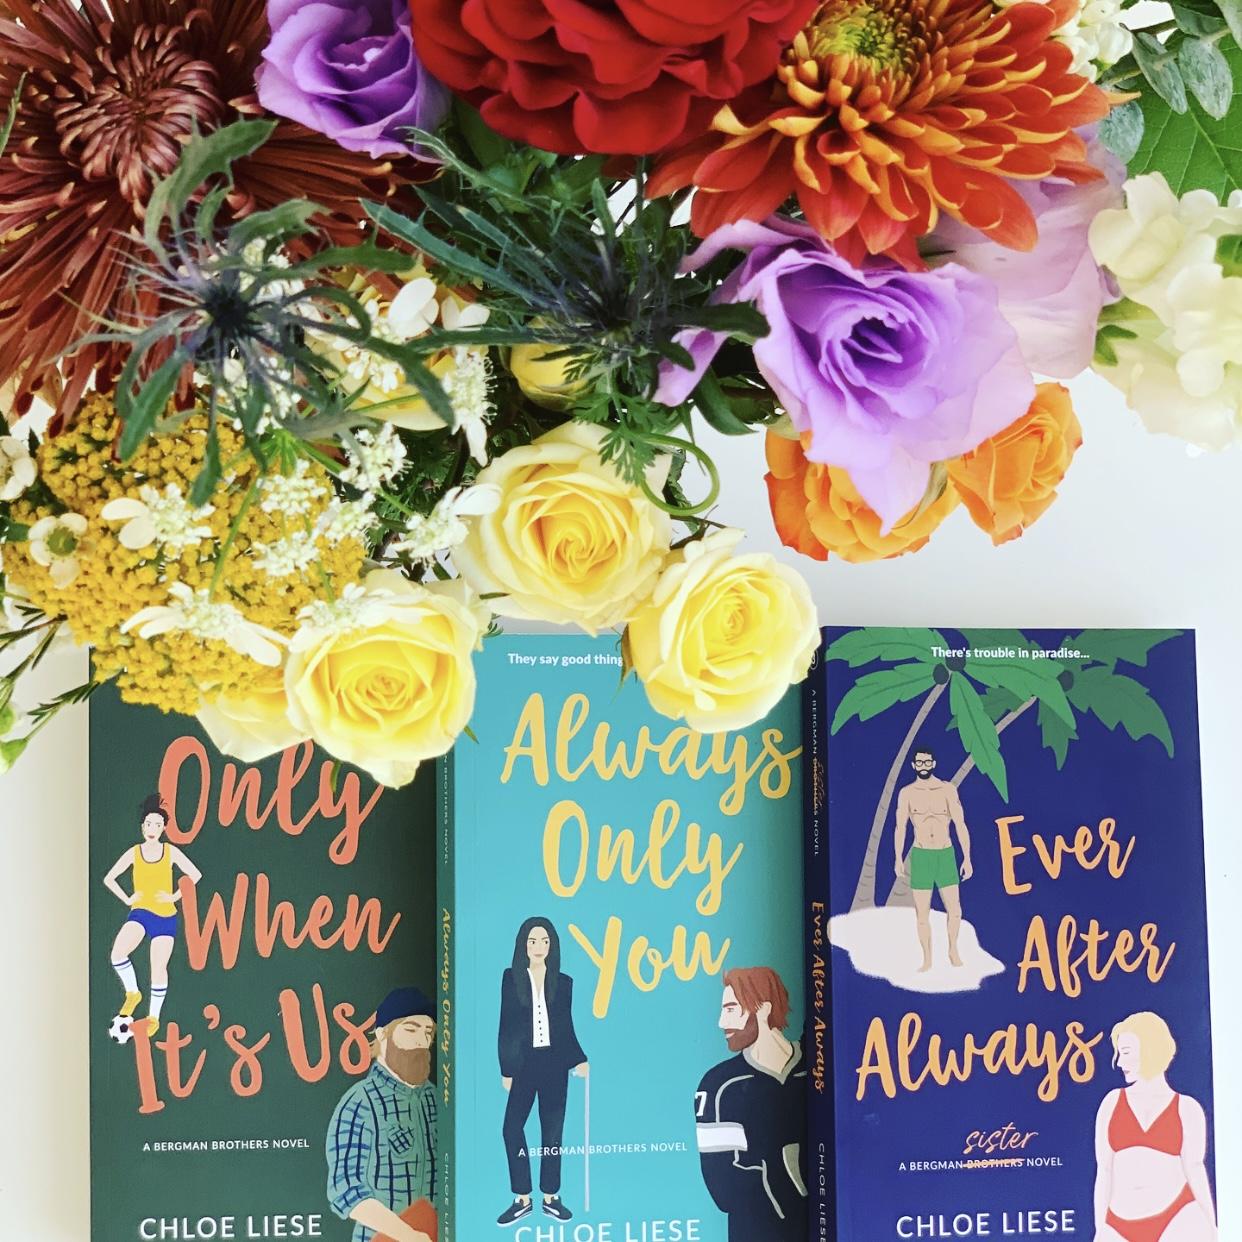 Bergman Brothers series book covers by Chloe Liese